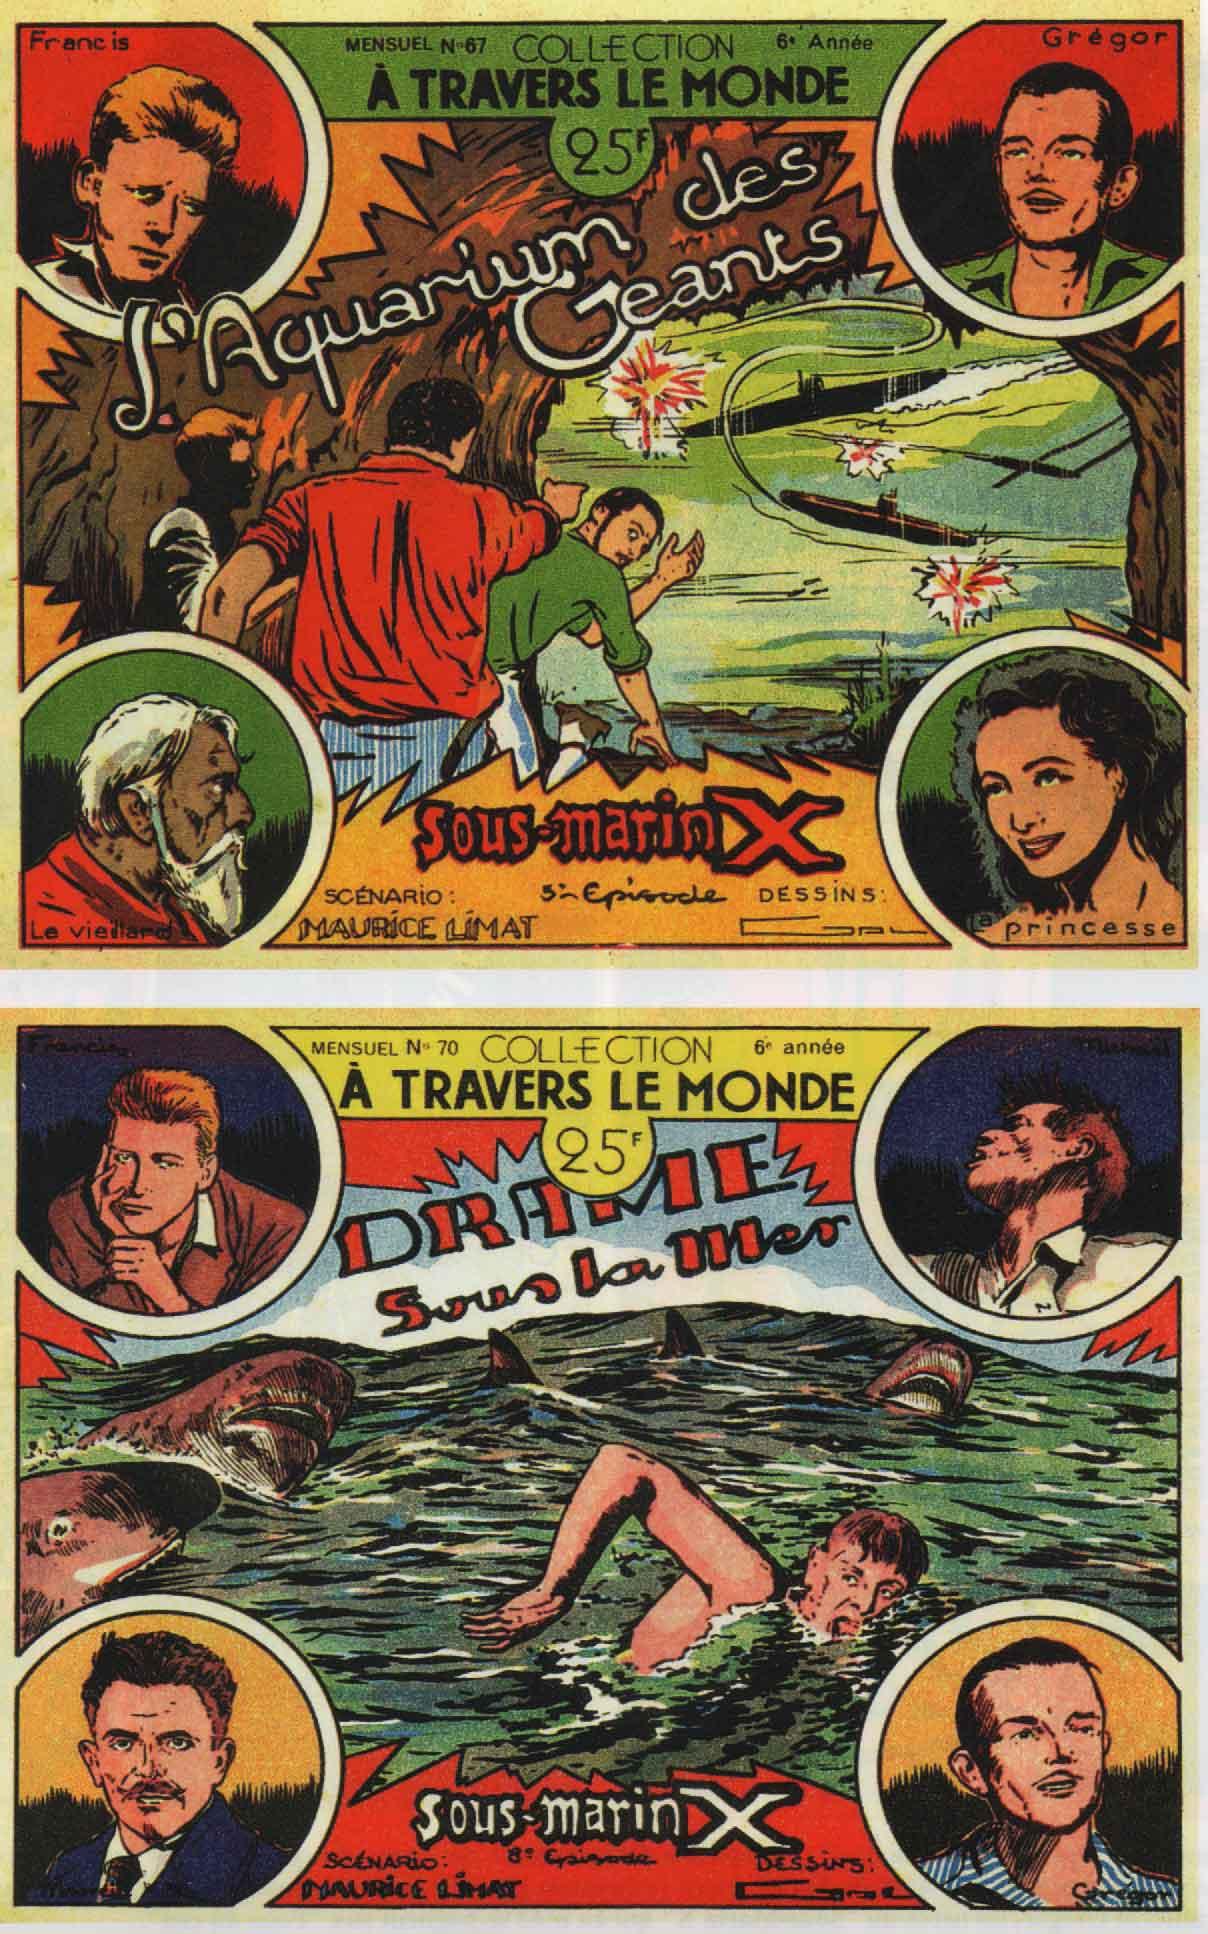 « Sous-marin X » couvertures À Travers le monde n° 67 et 70 (1952).